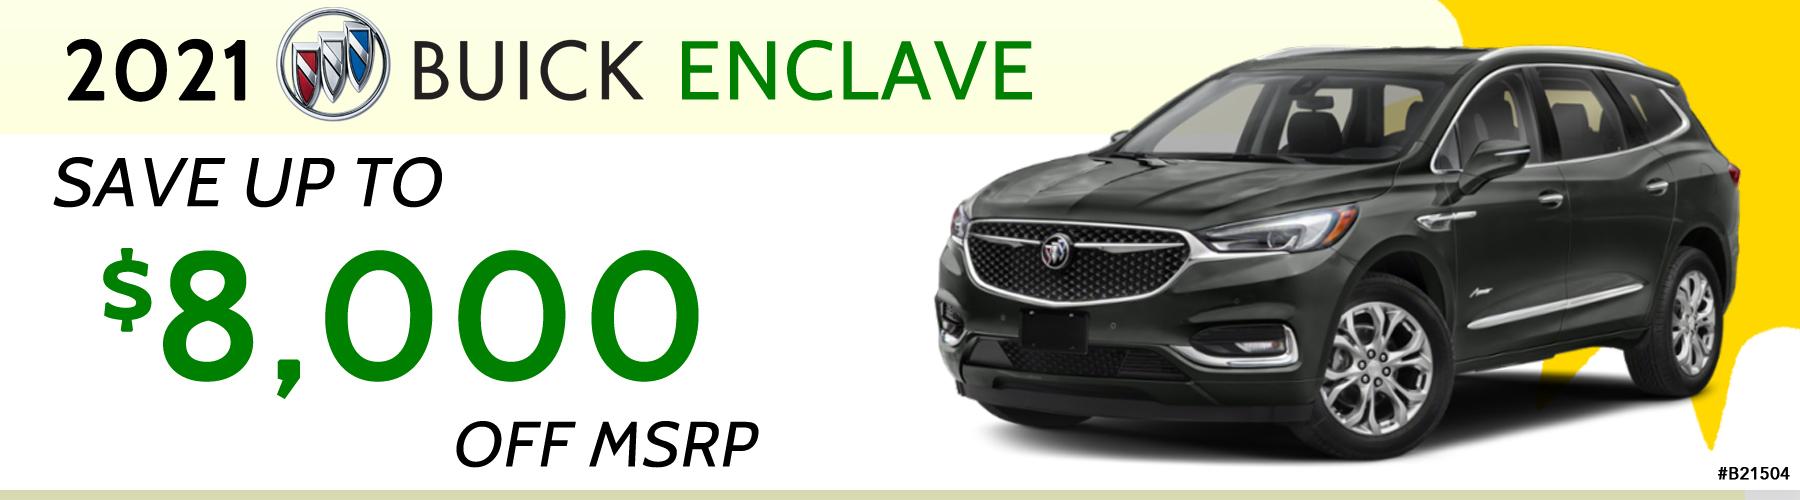 Enclave offer